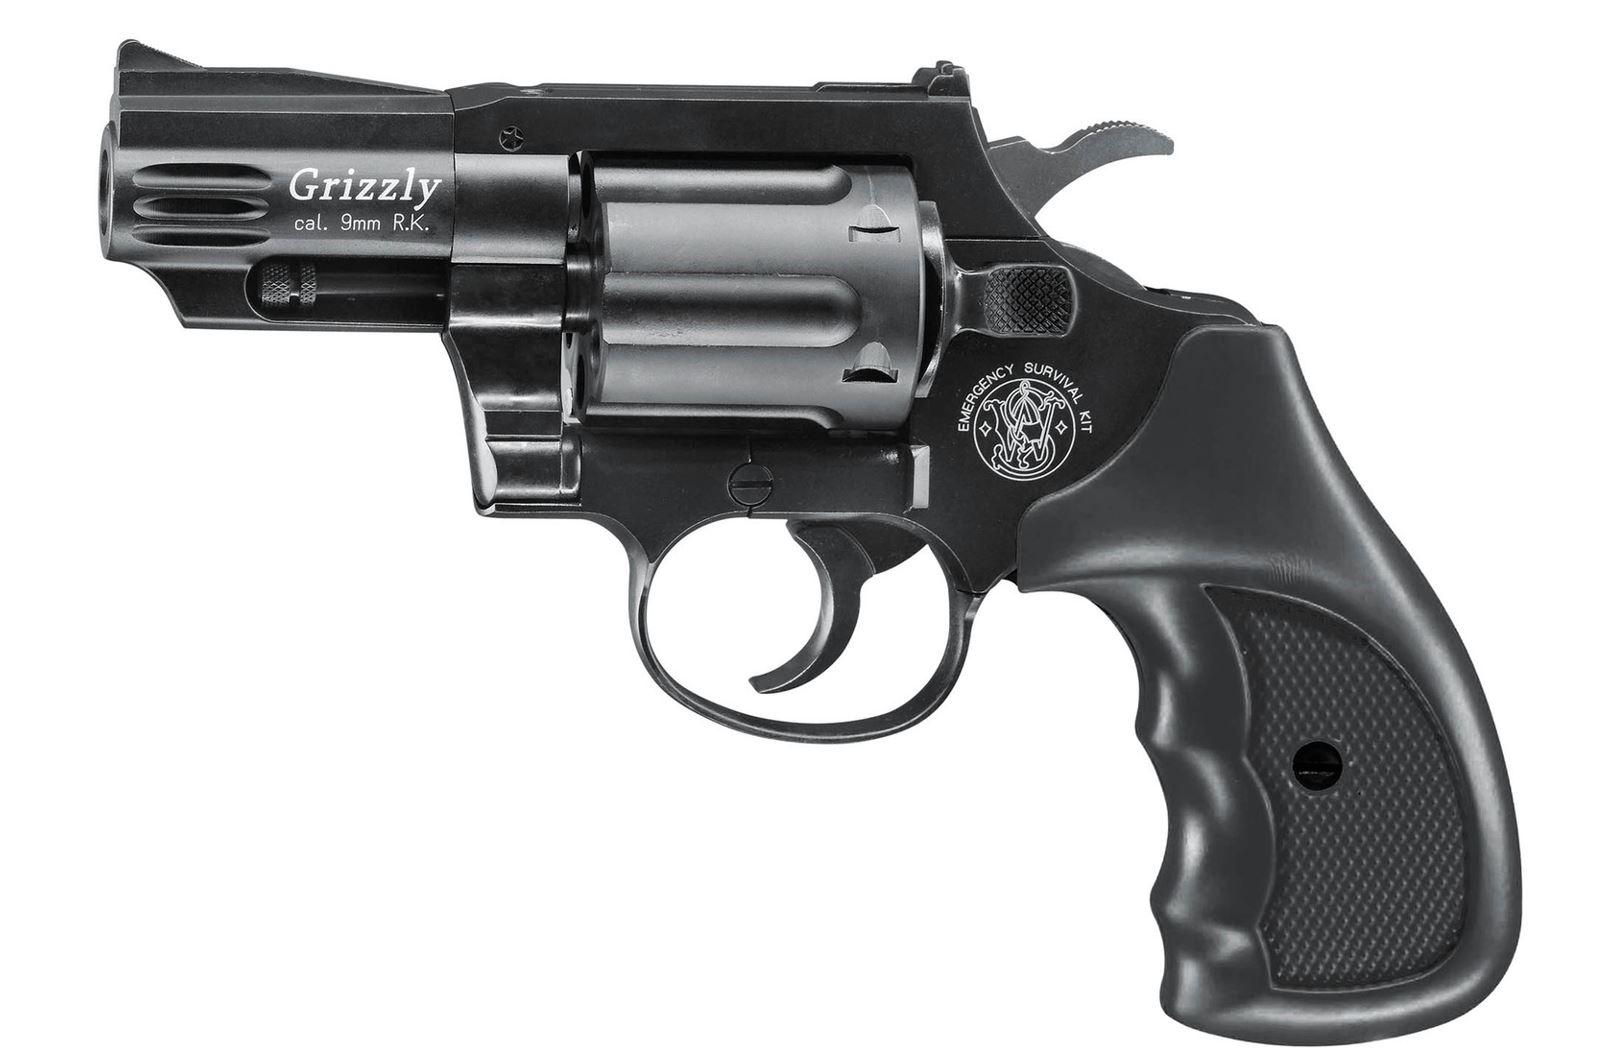 Smith & Wesson Grizzly Schreckschussrevolver